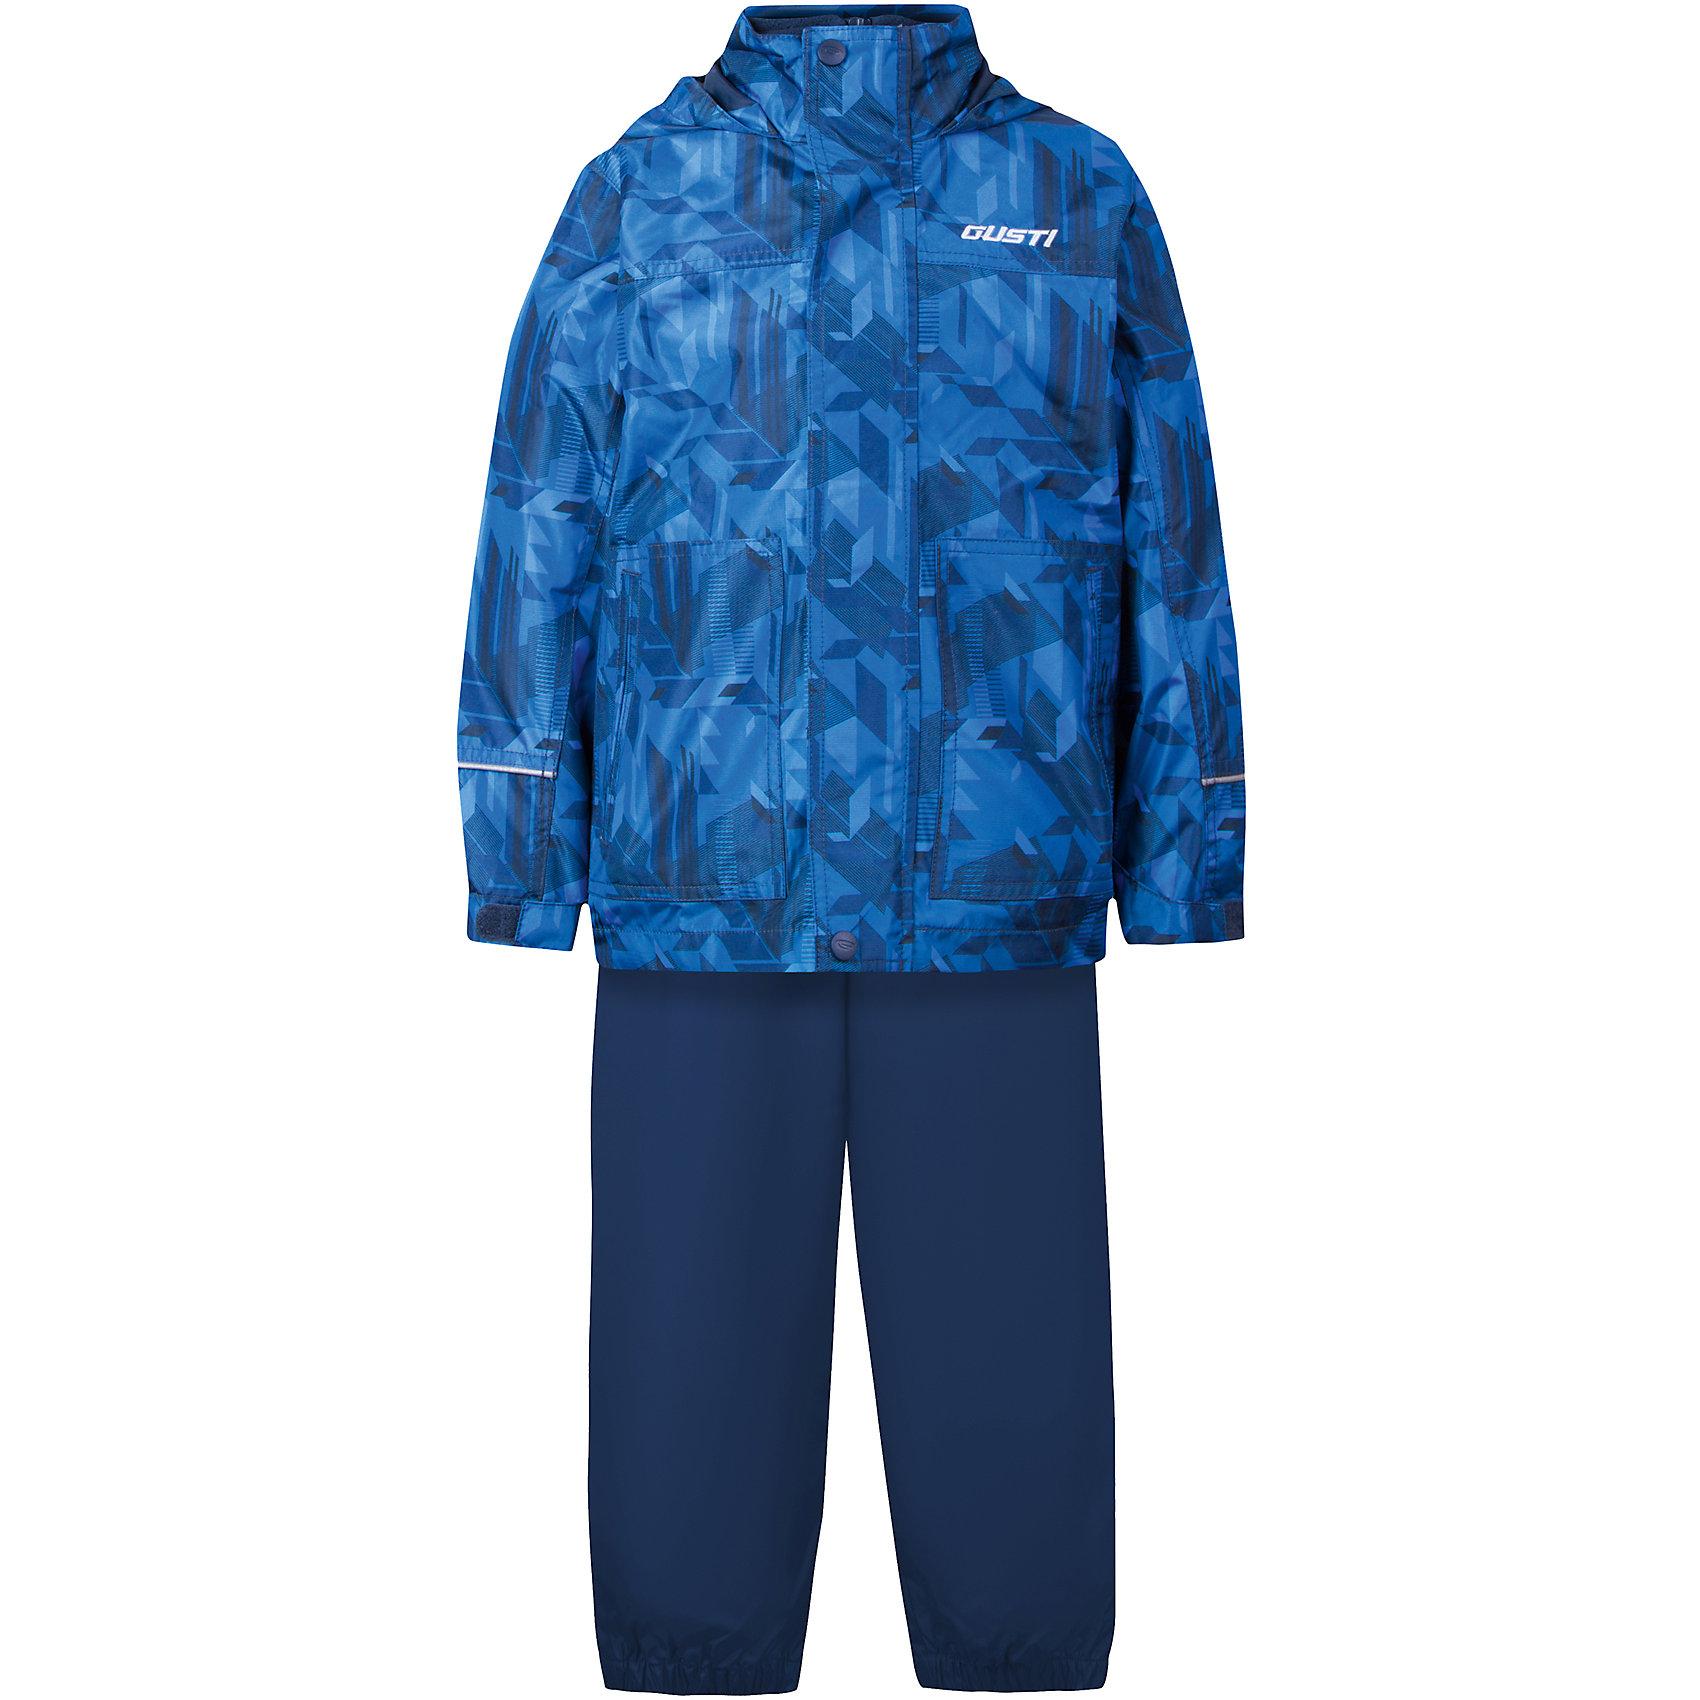 Комплект: куртка, толстовка и брюки для мальчика GustiКомплект: куртка, толстовка и брюки для мальчика от известного бренда Gusti.<br>Ткань верха куртки– Таслан ( Taslan )- мембрана с коэффициентом водонепроницаемости 2000 мм и коэффициентом паропроницаемости 2000 г/м2, одежда ветронепродуваемая. Благодаря тонкому полиуретановому напылению изнутри не промокает даже при сильной влаге, но при этом дышит (защита от влаги не препятствует циркуляции воздуха). Плотность ткани Т190 обеспечивает высокую износостойкость. Толстовка – высокотехнологичный флис COOLQUICK. Специальное кручение нитей позволяет ткани максимально впитывать влагу и увеличивать испаряемость с поверхности, т.е. выпустить пар, но не пропускает влагу снаружи, что обеспечивает комфорт даже при высоких физических нагрузках. Этот материал ранее был разработан специально для спортсменов, которые испытывали сильные нагрузки во время активного движения, а теперь принес комфорт и тепло в нашу повседневную жизнь.  Это особенно важно для детей, когда они гуляют на свежем воздухе , чтобы тело всегда оставалось сухим и теплым. Брюки - ткань верха: Таслан ( Taslan )- мембрана с коэффициентом водонепроницаемости 2000 мм и коэффициентом паропроницаемости 2000 г/м2, одежда ветронепродуваемая. Благодаря тонкому полиуретановому напылению изнутри не промокает даже при сильной влаге, но при этом дышит (защита от влаги не препятствует циркуляции воздуха). Плотность ткани Т190 обеспечивает высокую износостойкость. Подкладка 100%  х/б.<br>Состав:<br>Куртка: 100% полиэстер.  Толстовка: 100% полиэстер.  Брюки: верх 100% полиэстер, подкладка 100% х/б.<br><br>Ширина мм: 356<br>Глубина мм: 10<br>Высота мм: 245<br>Вес г: 519<br>Цвет: синий<br>Возраст от месяцев: 18<br>Возраст до месяцев: 24<br>Пол: Мужской<br>Возраст: Детский<br>Размер: 92,122,128,140,152,98,100,104,110,116,120<br>SKU: 5452362